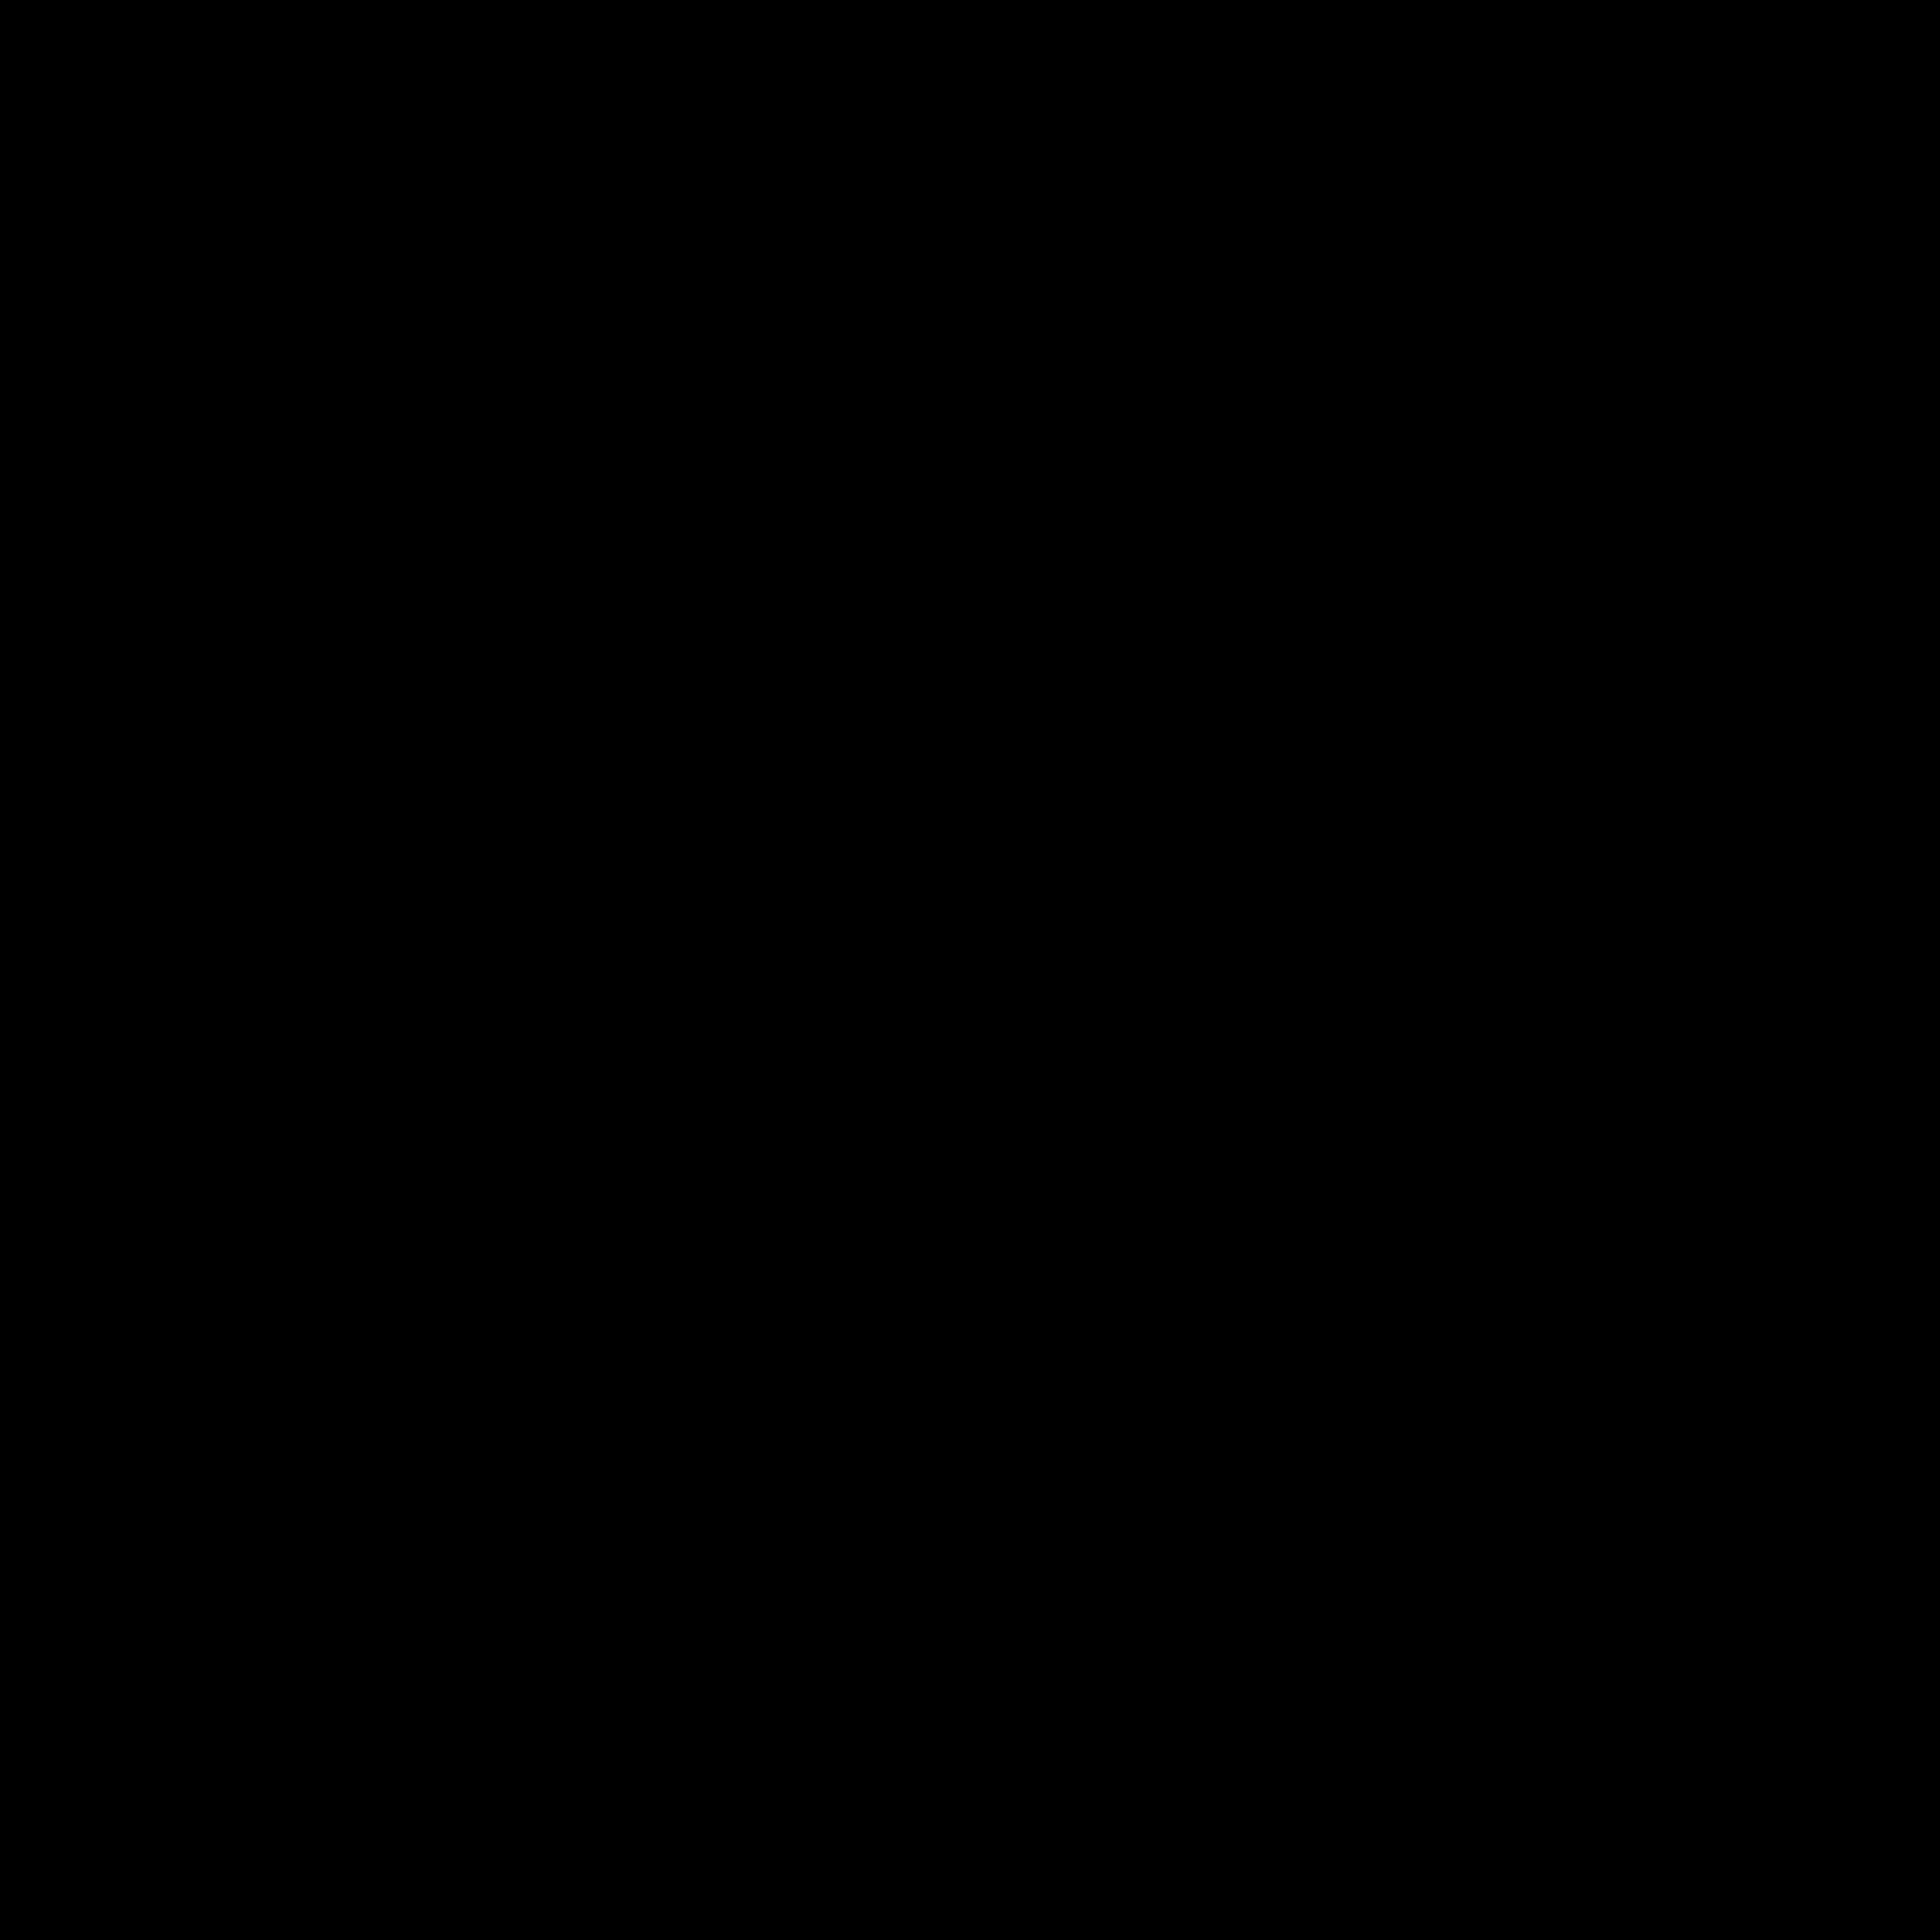 nfc payments logo 0 - NFC Pagos Logo